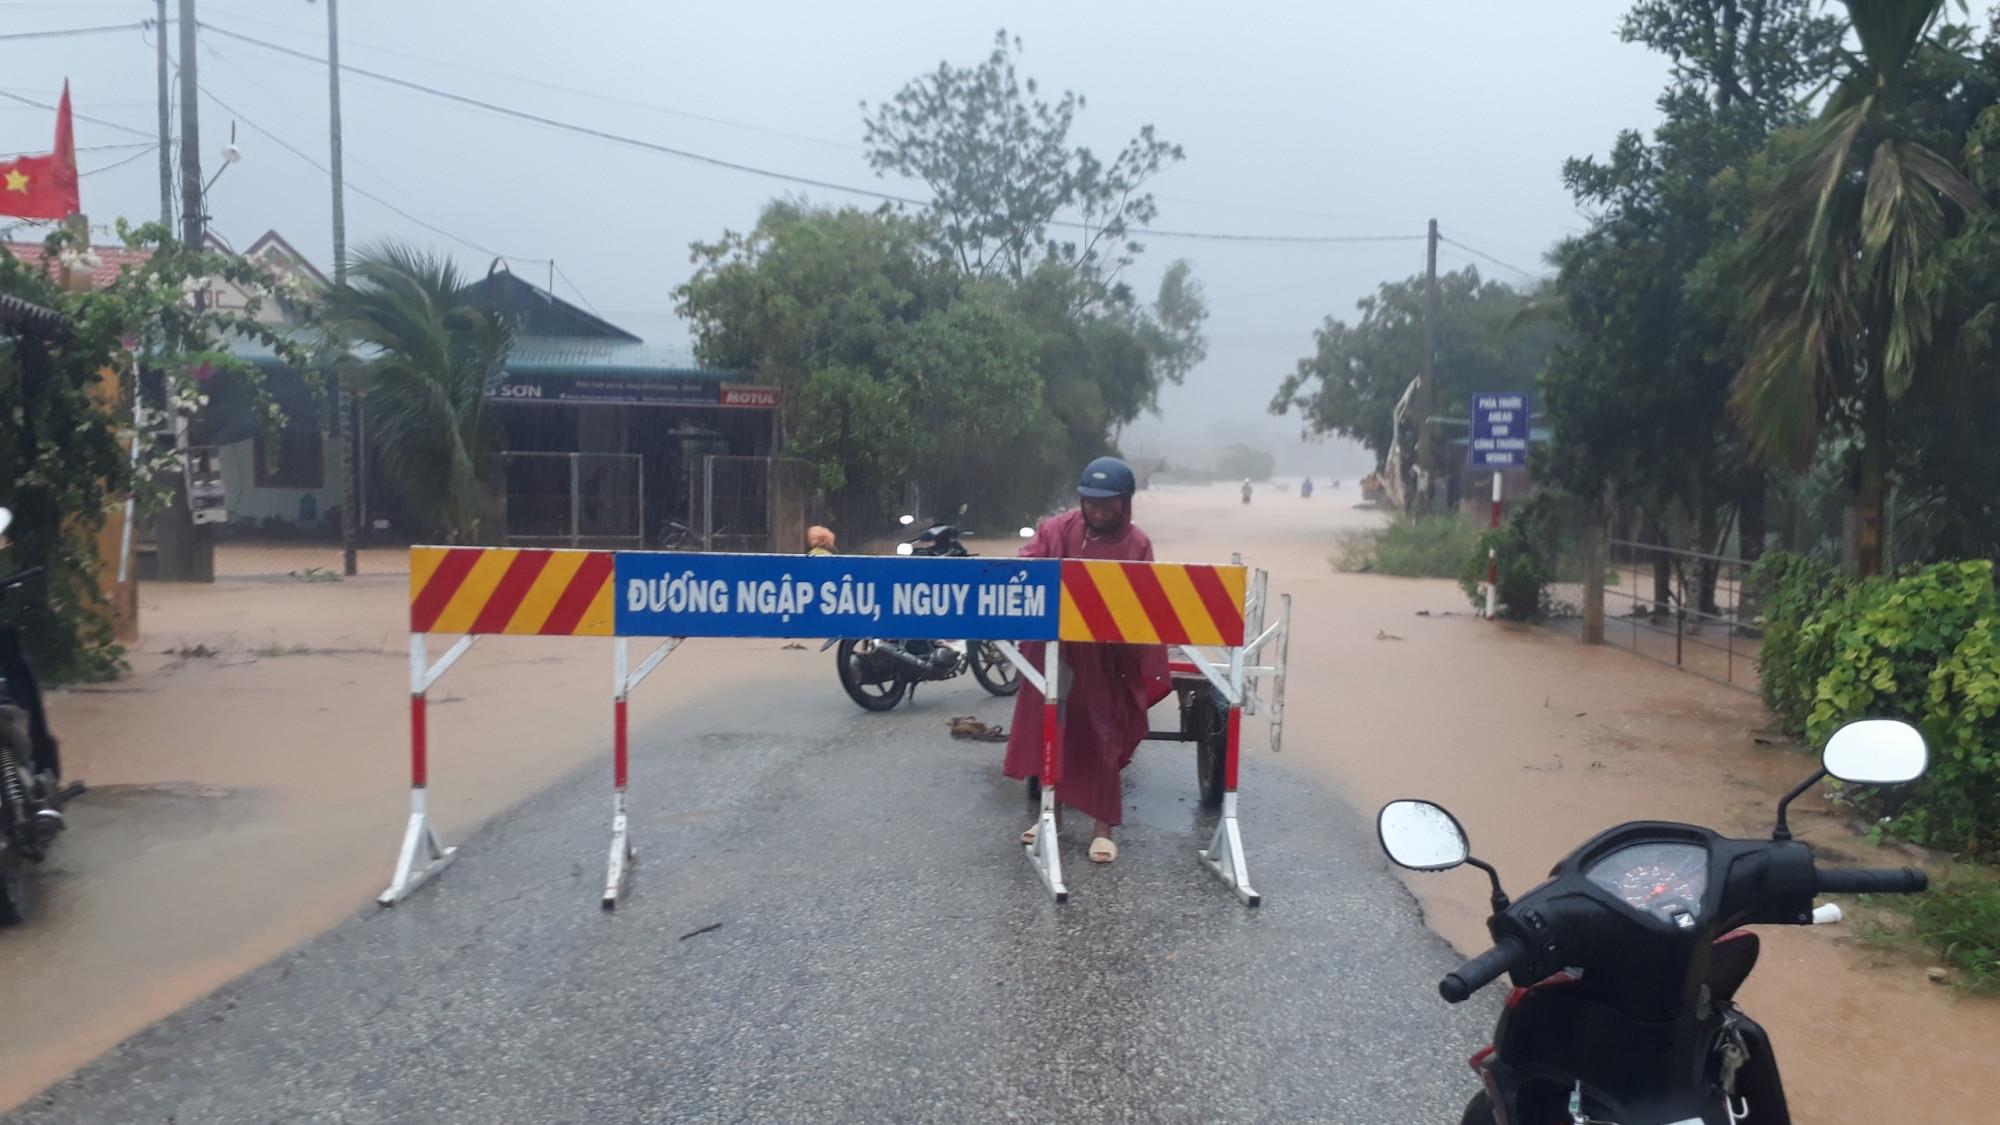 Tuyến đường qua xã Phong Xuân huyện Phong Điền dẫn lên thủy điện Rào Trăng ngập cục bộ